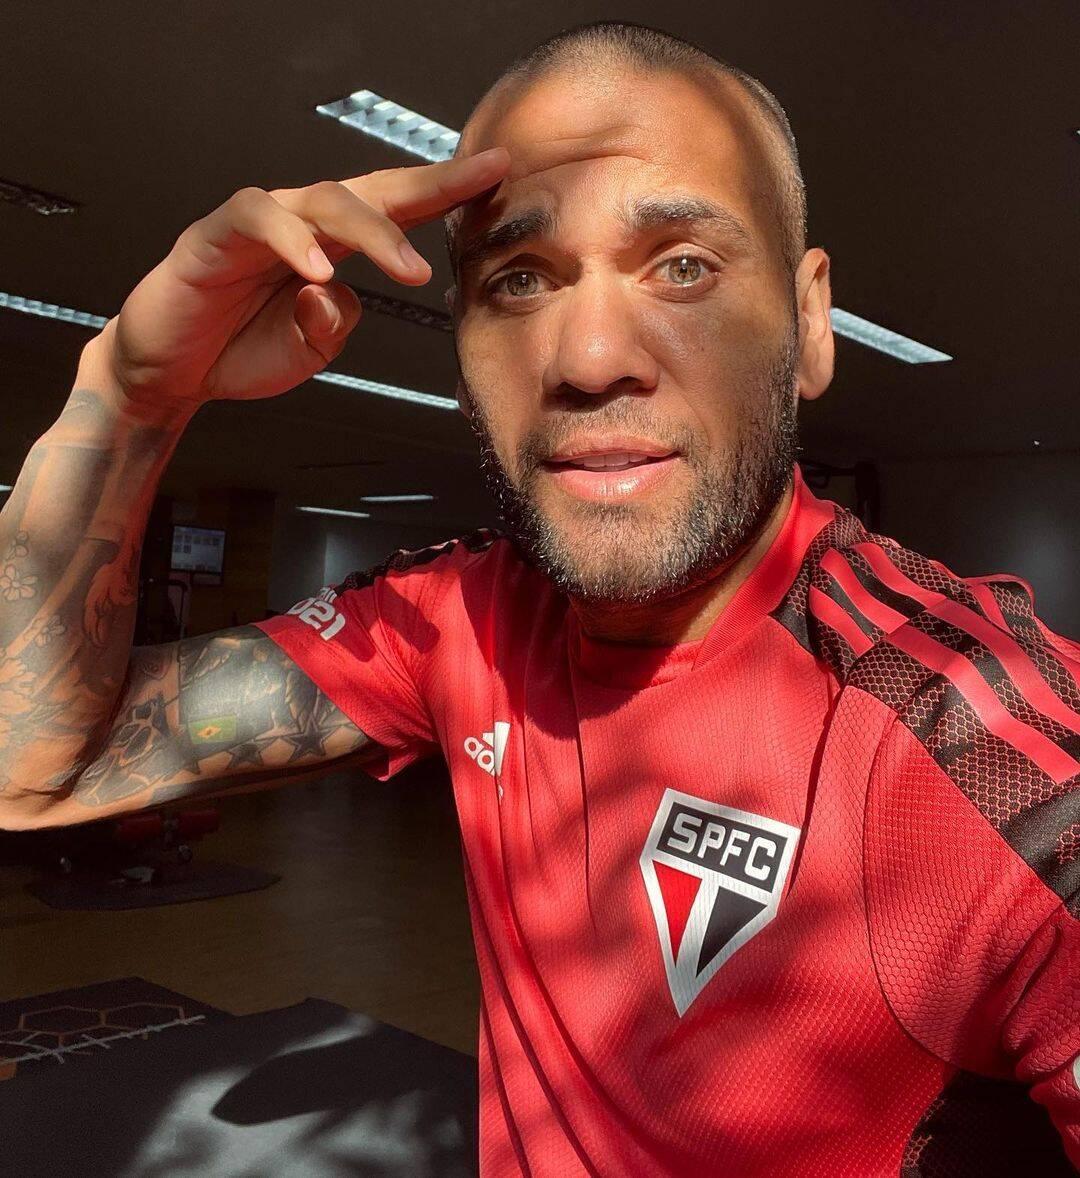 Daniel Alves fará parte do futebol masculino. (Foto: Instagram)